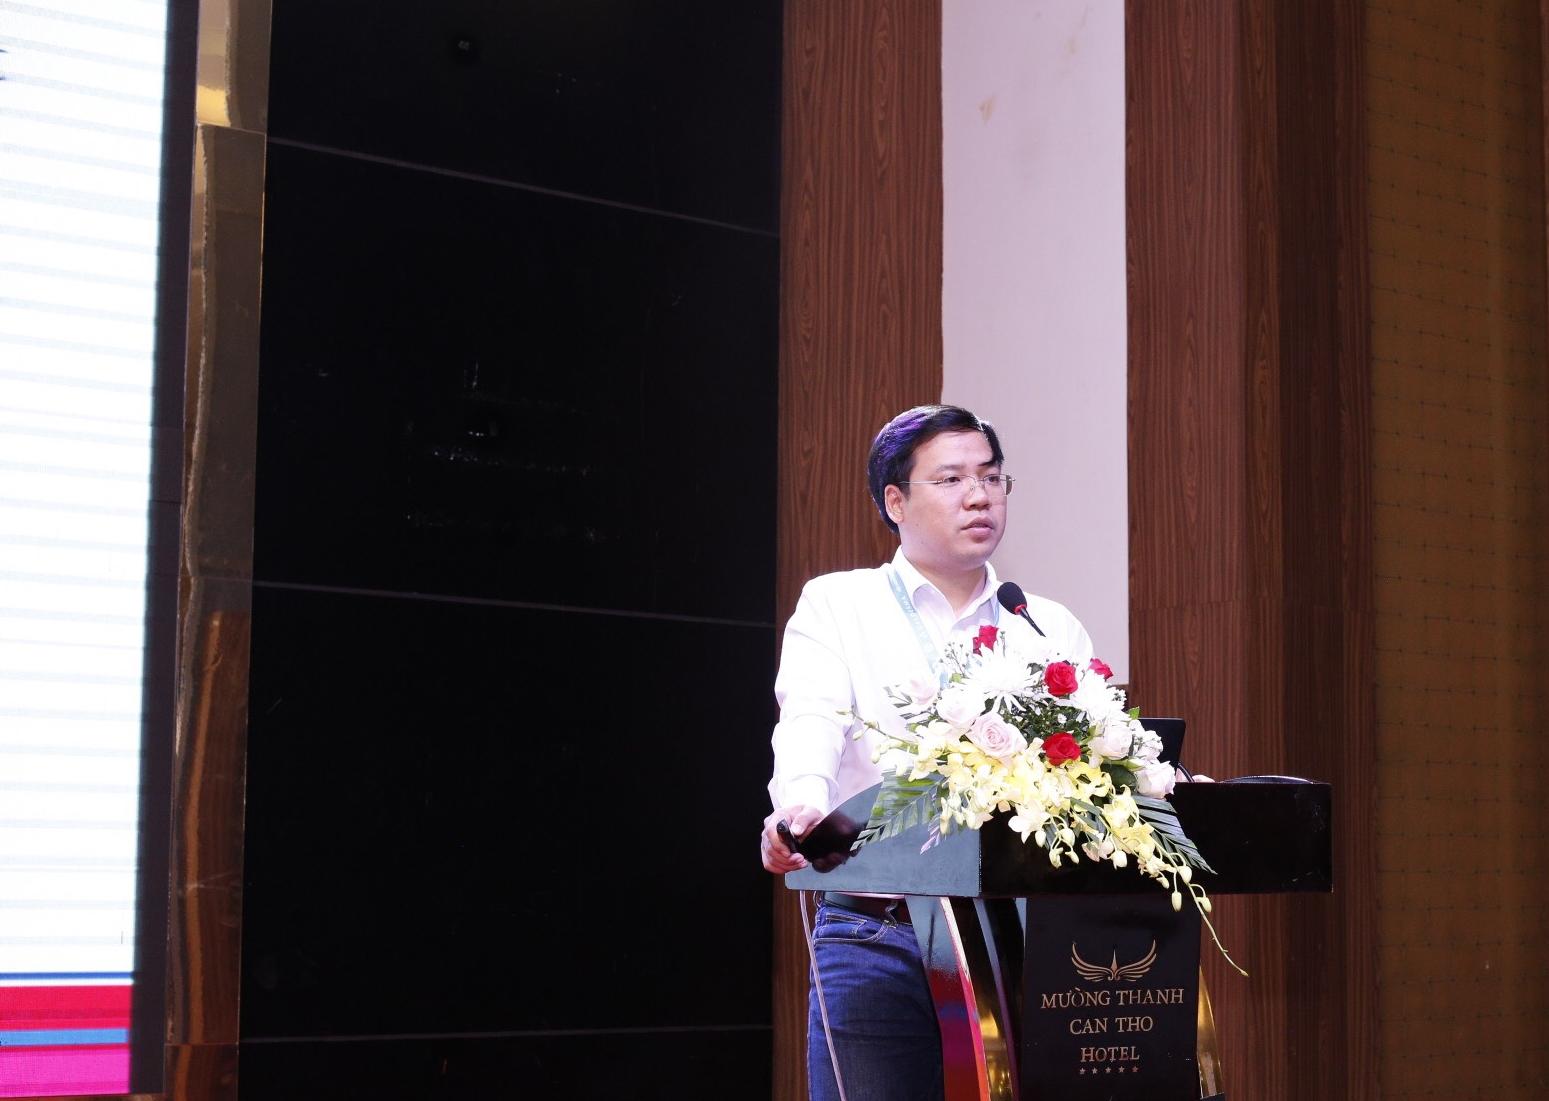 Bác sĩ Tiến Thành với báo cáo khoa học về Phương pháp điều trị rám má bằng Laser QS YAG và kết hợp bôi chế phẩm 4 – n – butylresorcinol và Tranexamic Acid tại Hội nghị da liễu thẩm mỹ toàn quốc